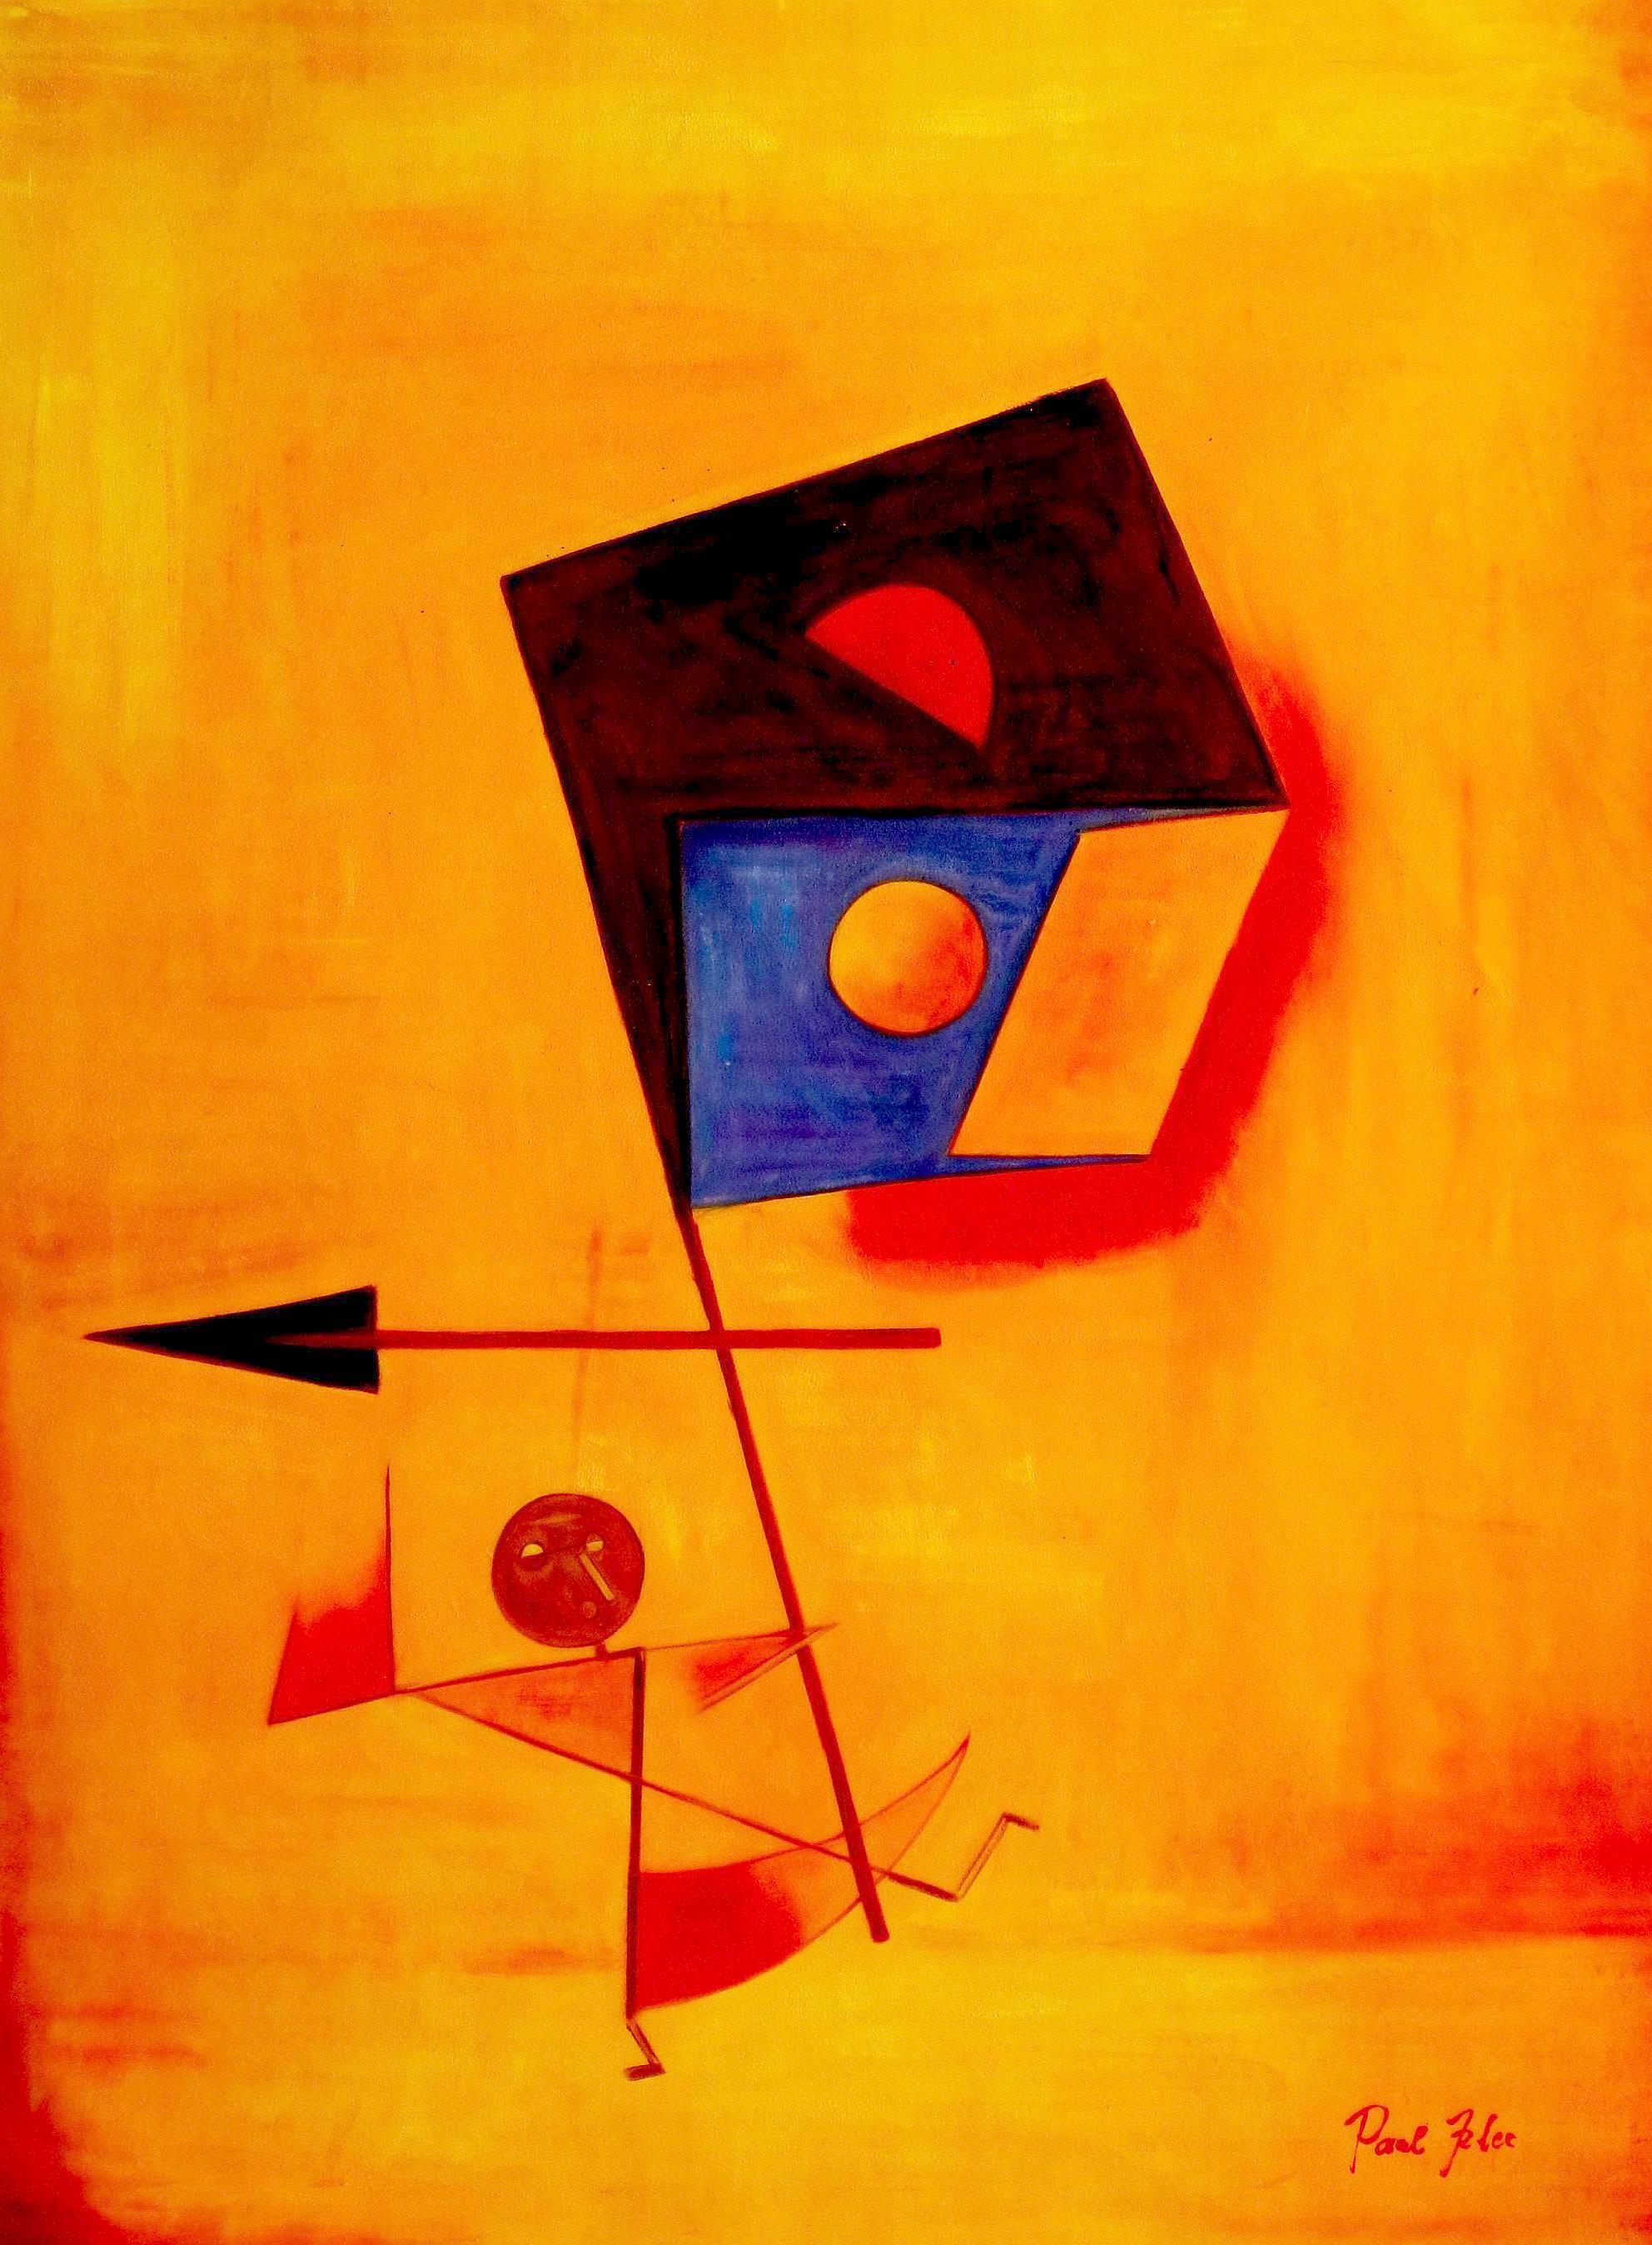 Paul Klee - Conqueror k93531 90x120cm exquisites Ölgemälde